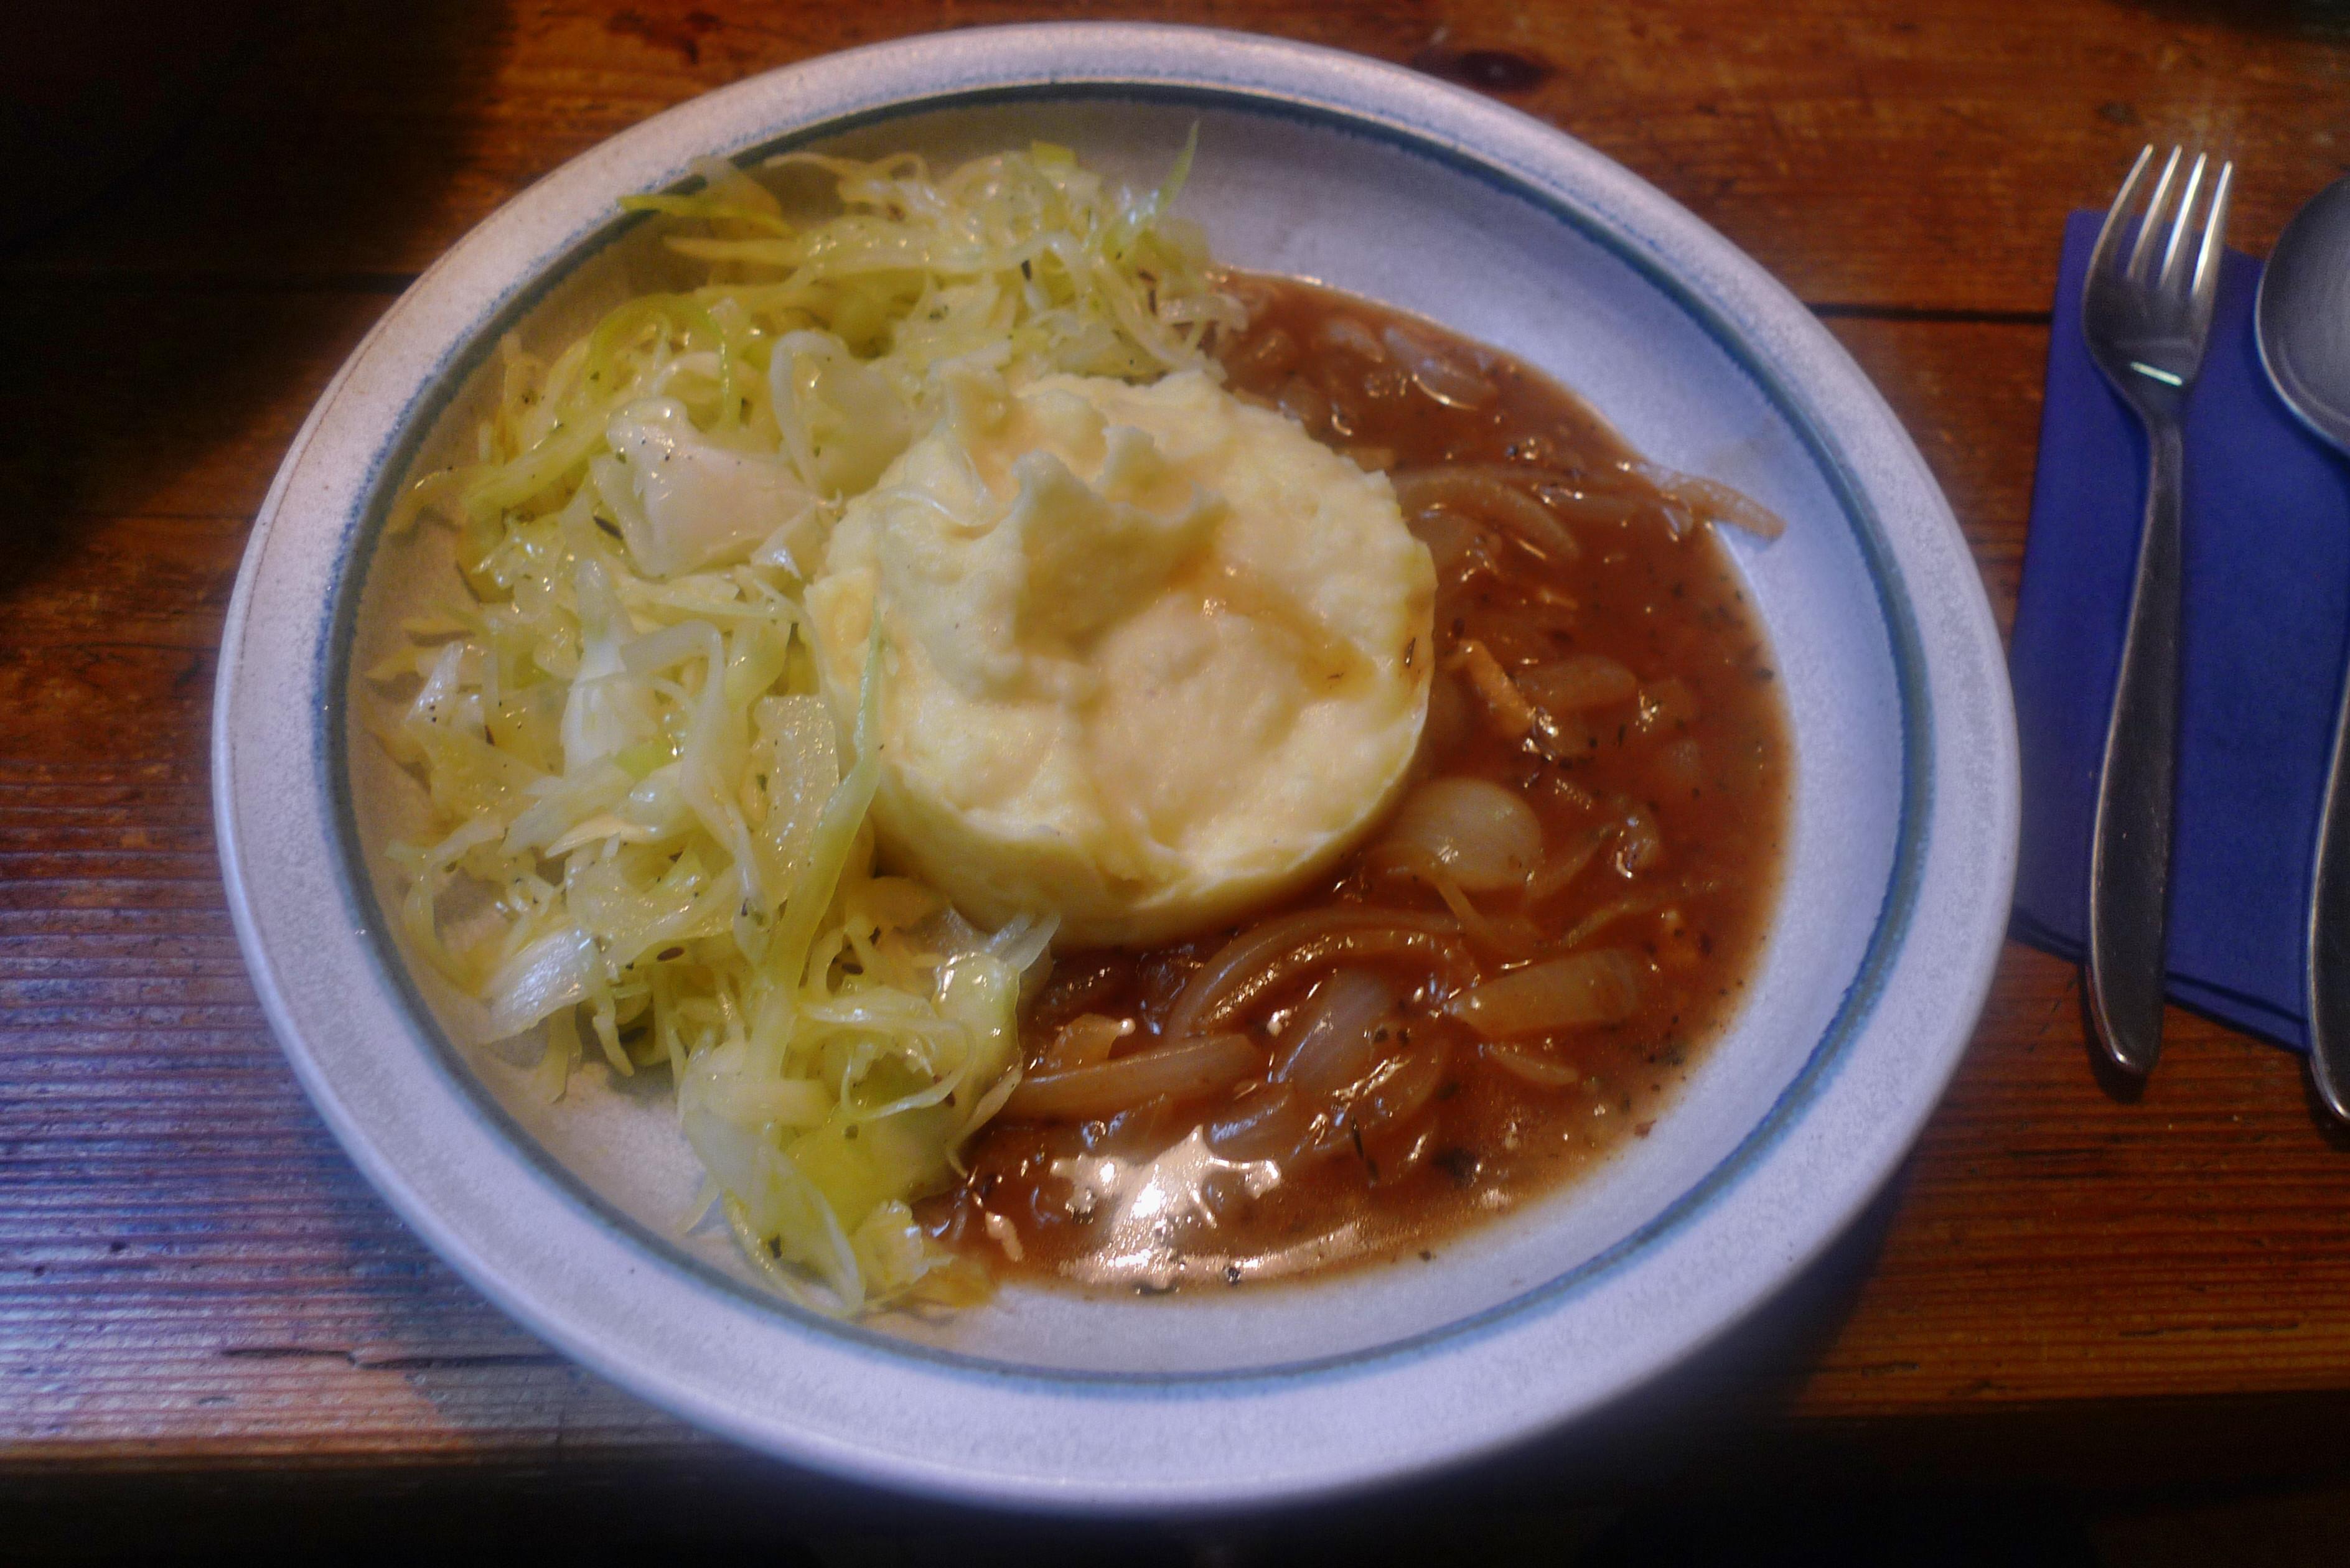 Zwiebelsoße,Kartoffelbrei,Krautsalat,Birnenkompott - 11.10.14   (19)